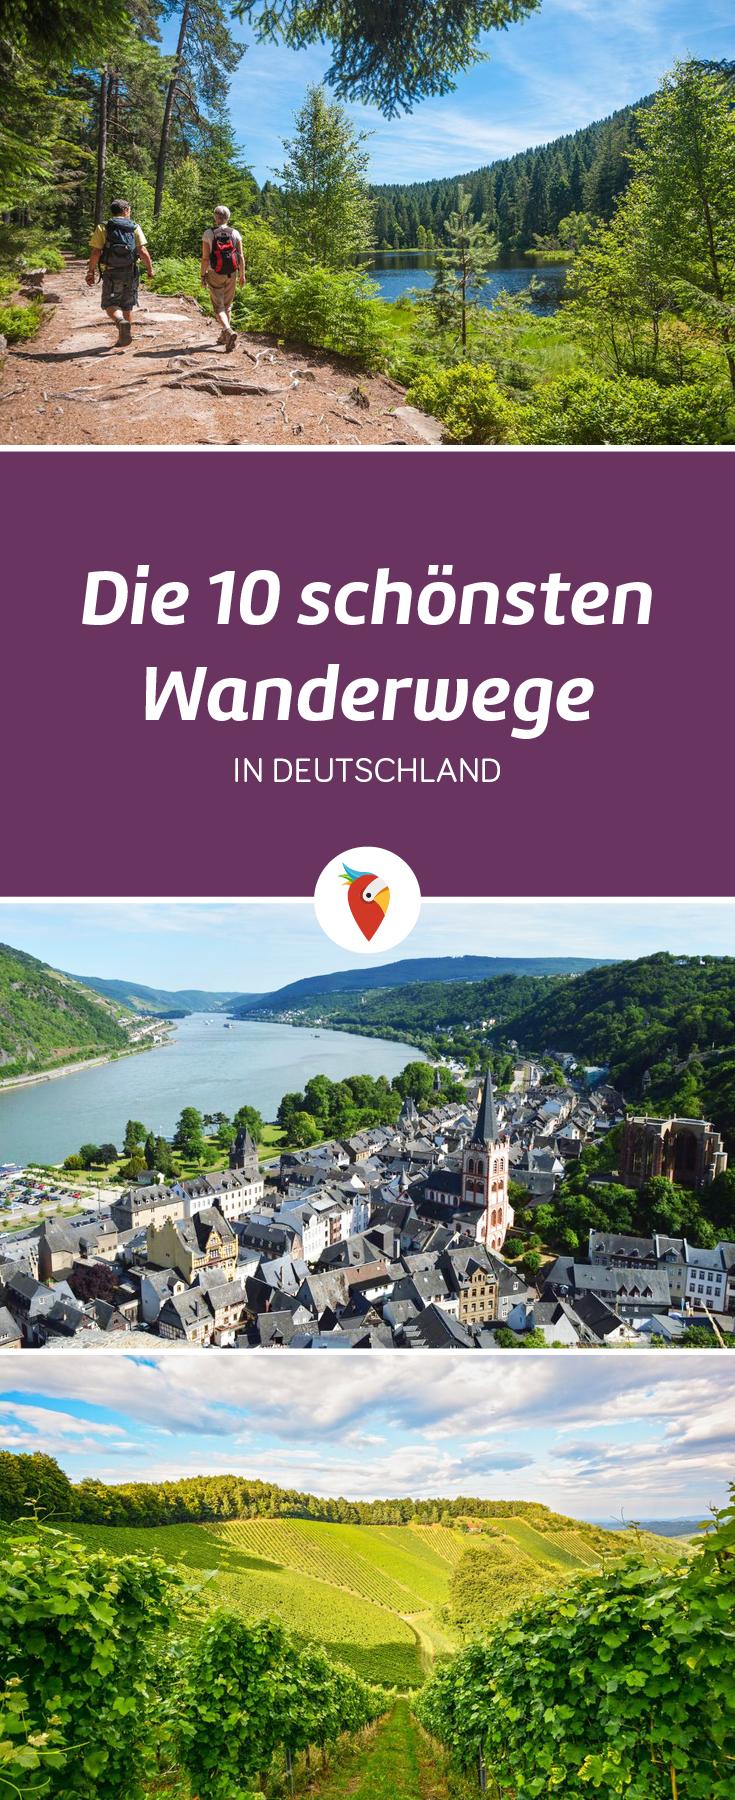 Experimente unas vacaciones de senderismo en Alemania